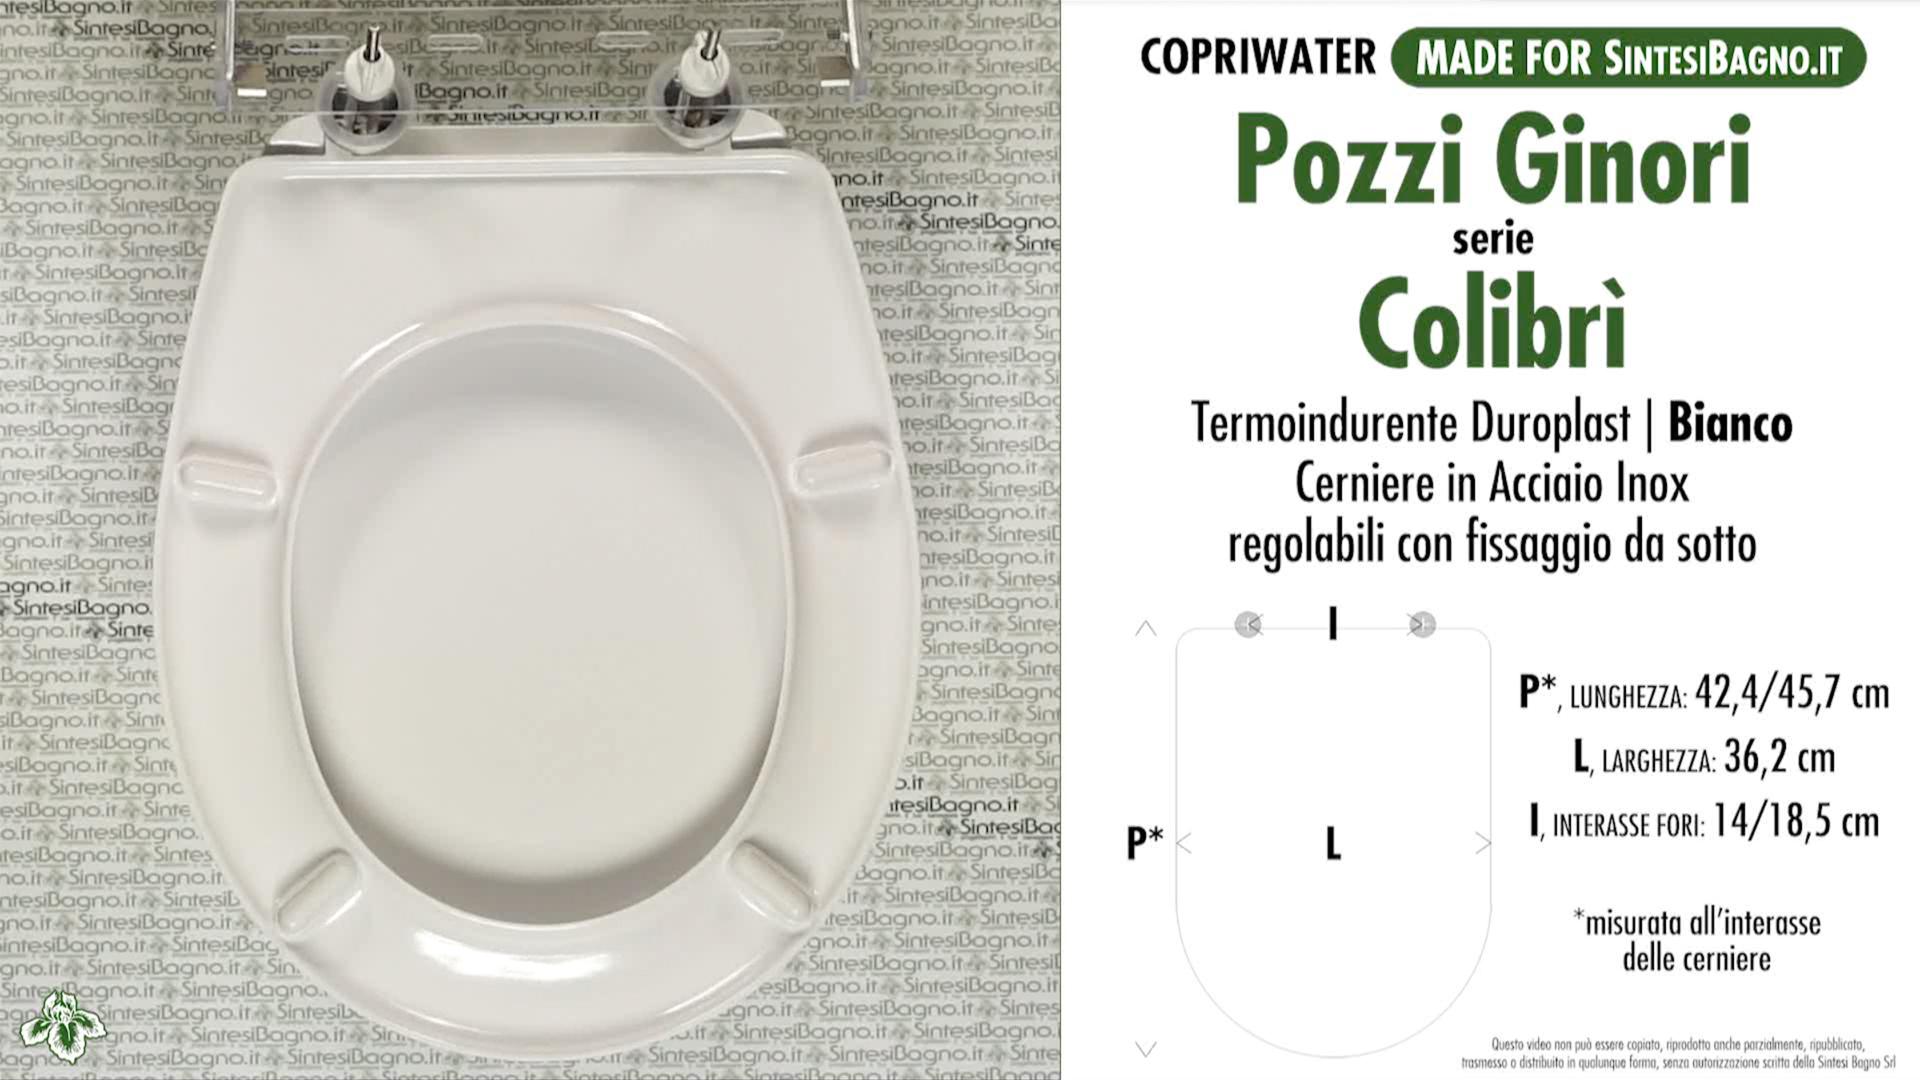 SCHEDA TECNICA MISURE copriwater POZZI GINORI COLIBRI'